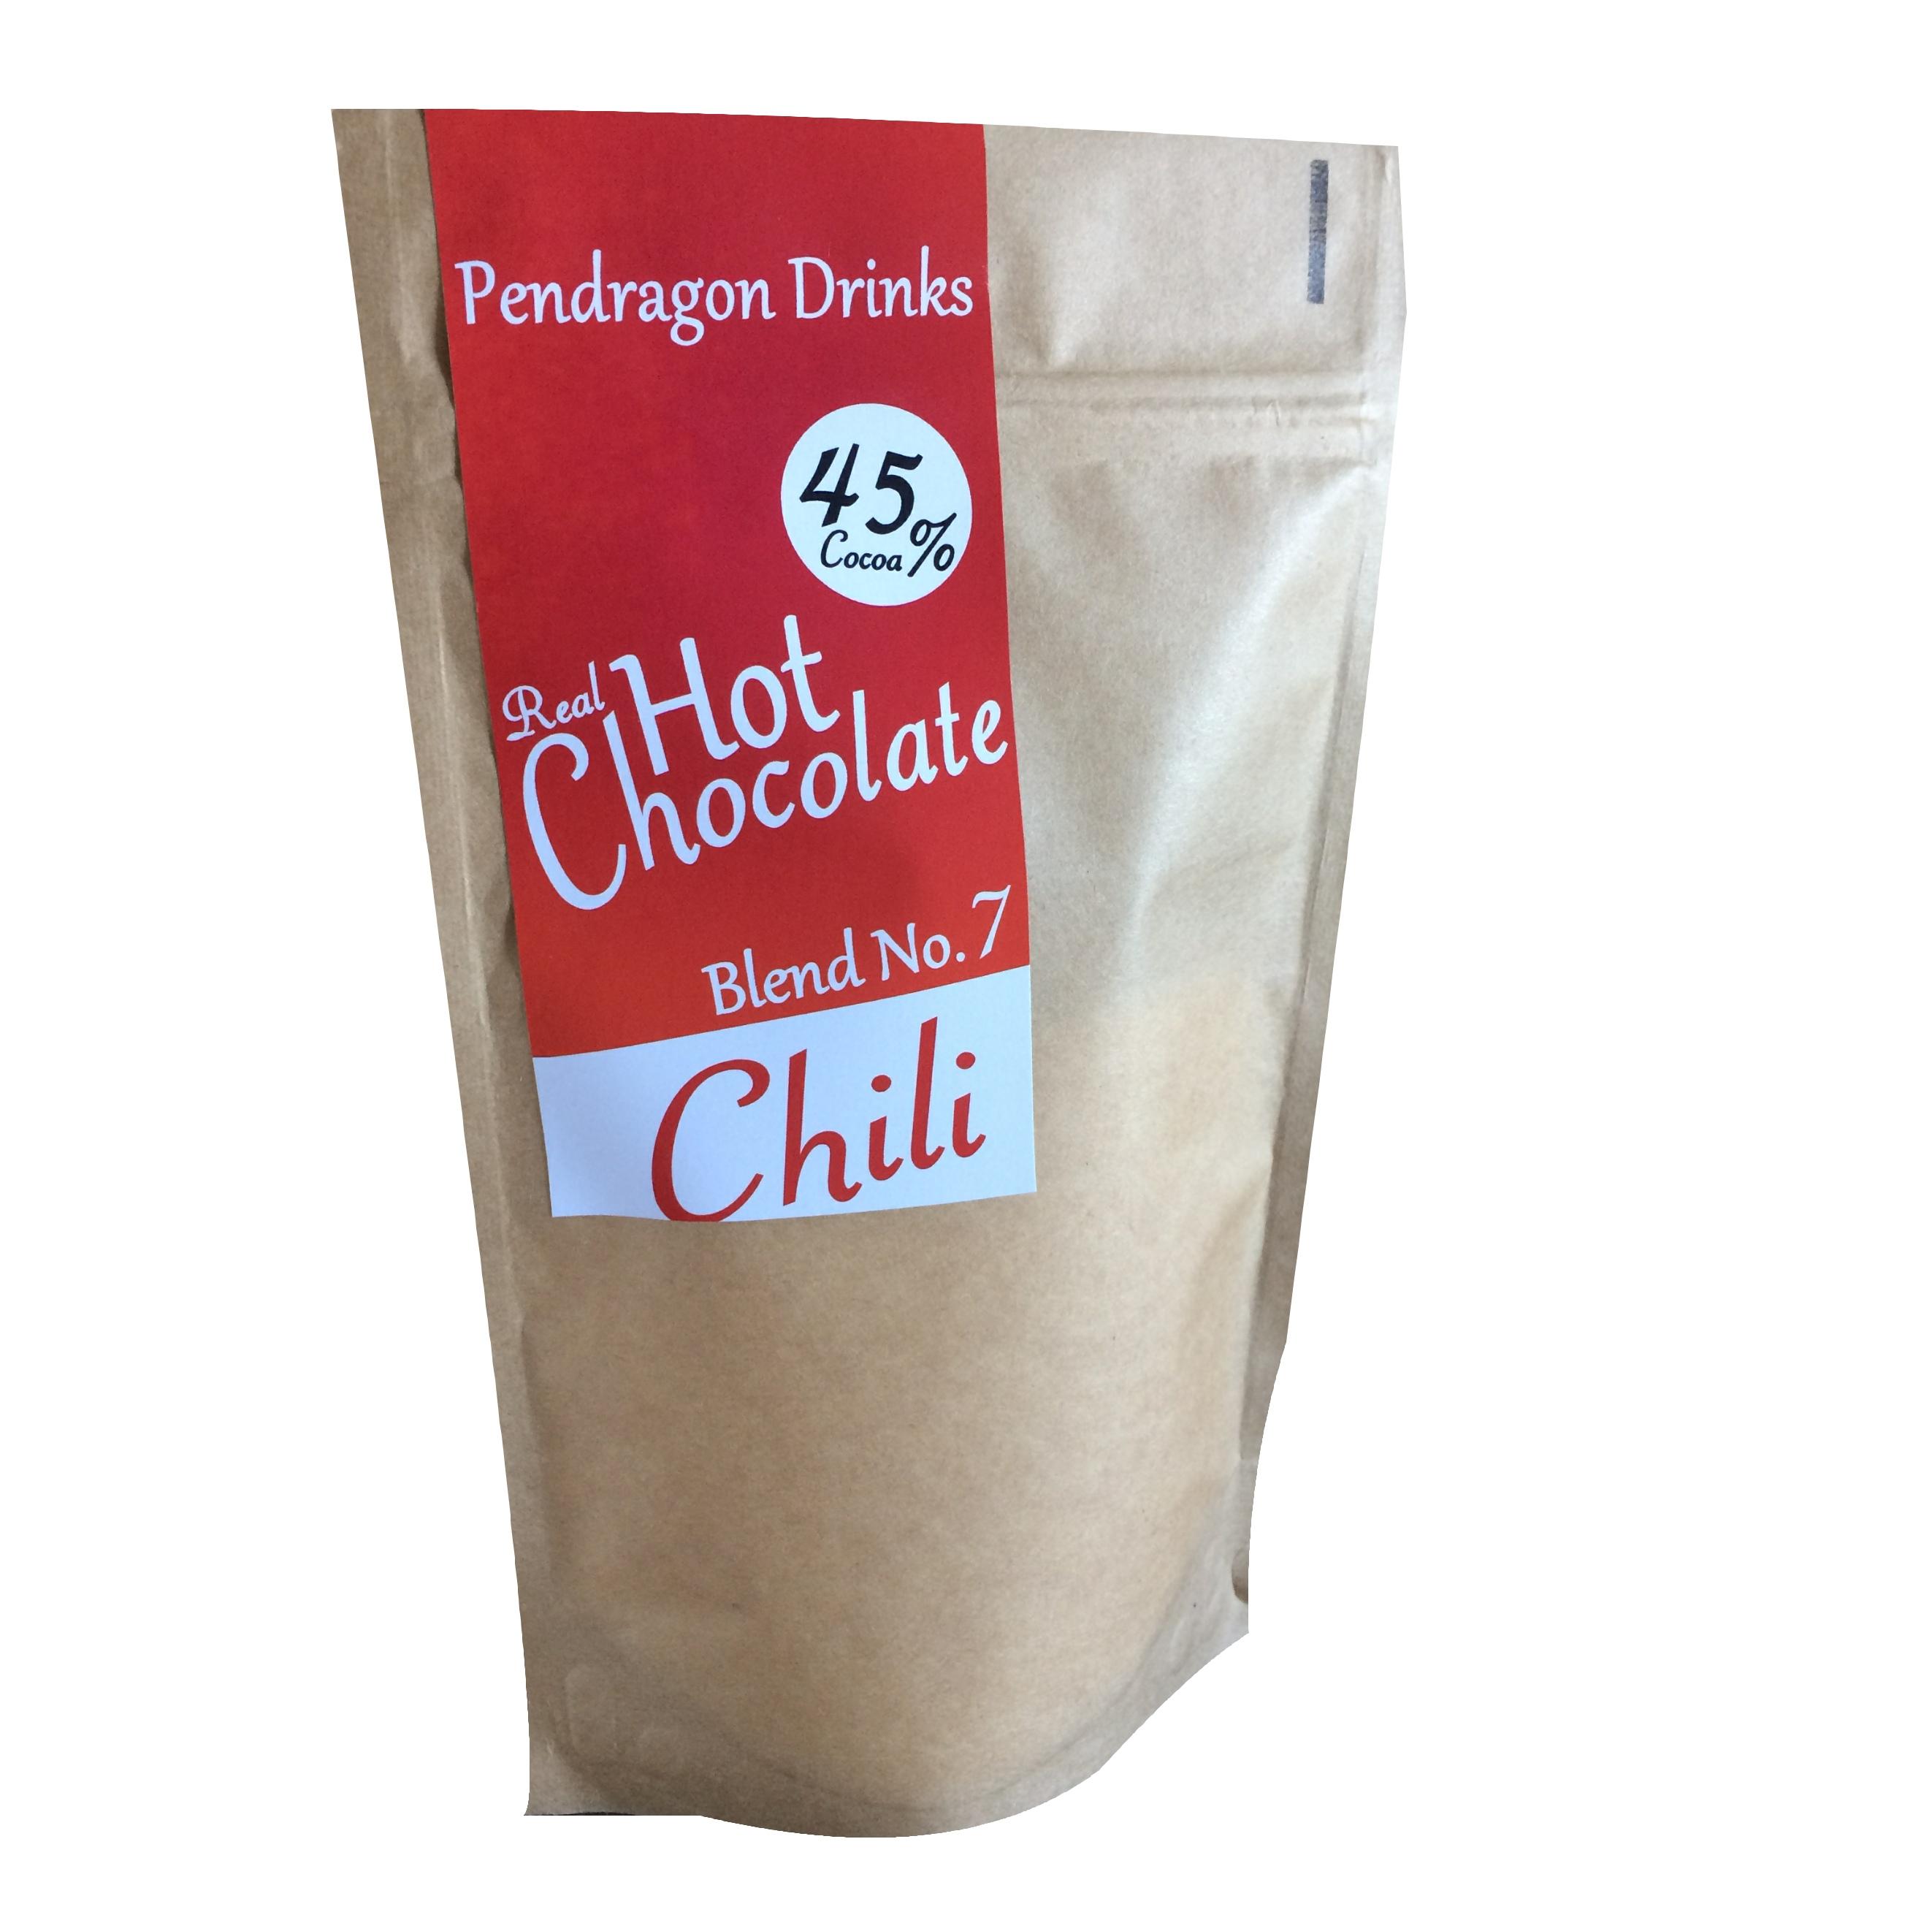 chili hot chocolate, luxury hot chocolate, premium hot chocolate, spiced hot chocolate